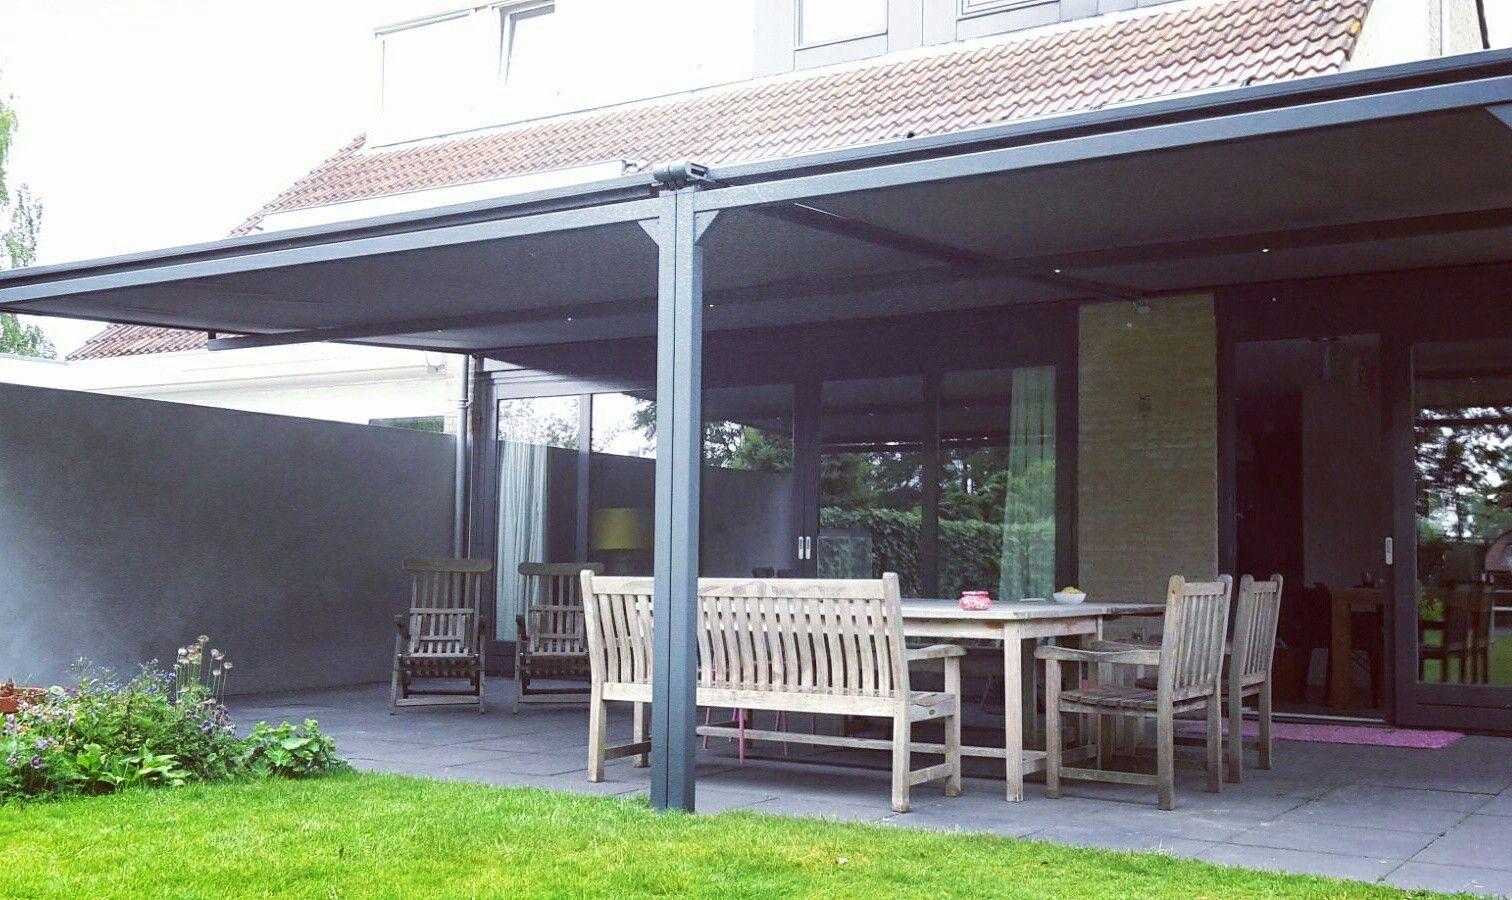 terrasoverkapping met elektrisch bedienbaar zonweringdoek en verlichting zonwering overkapping veranda